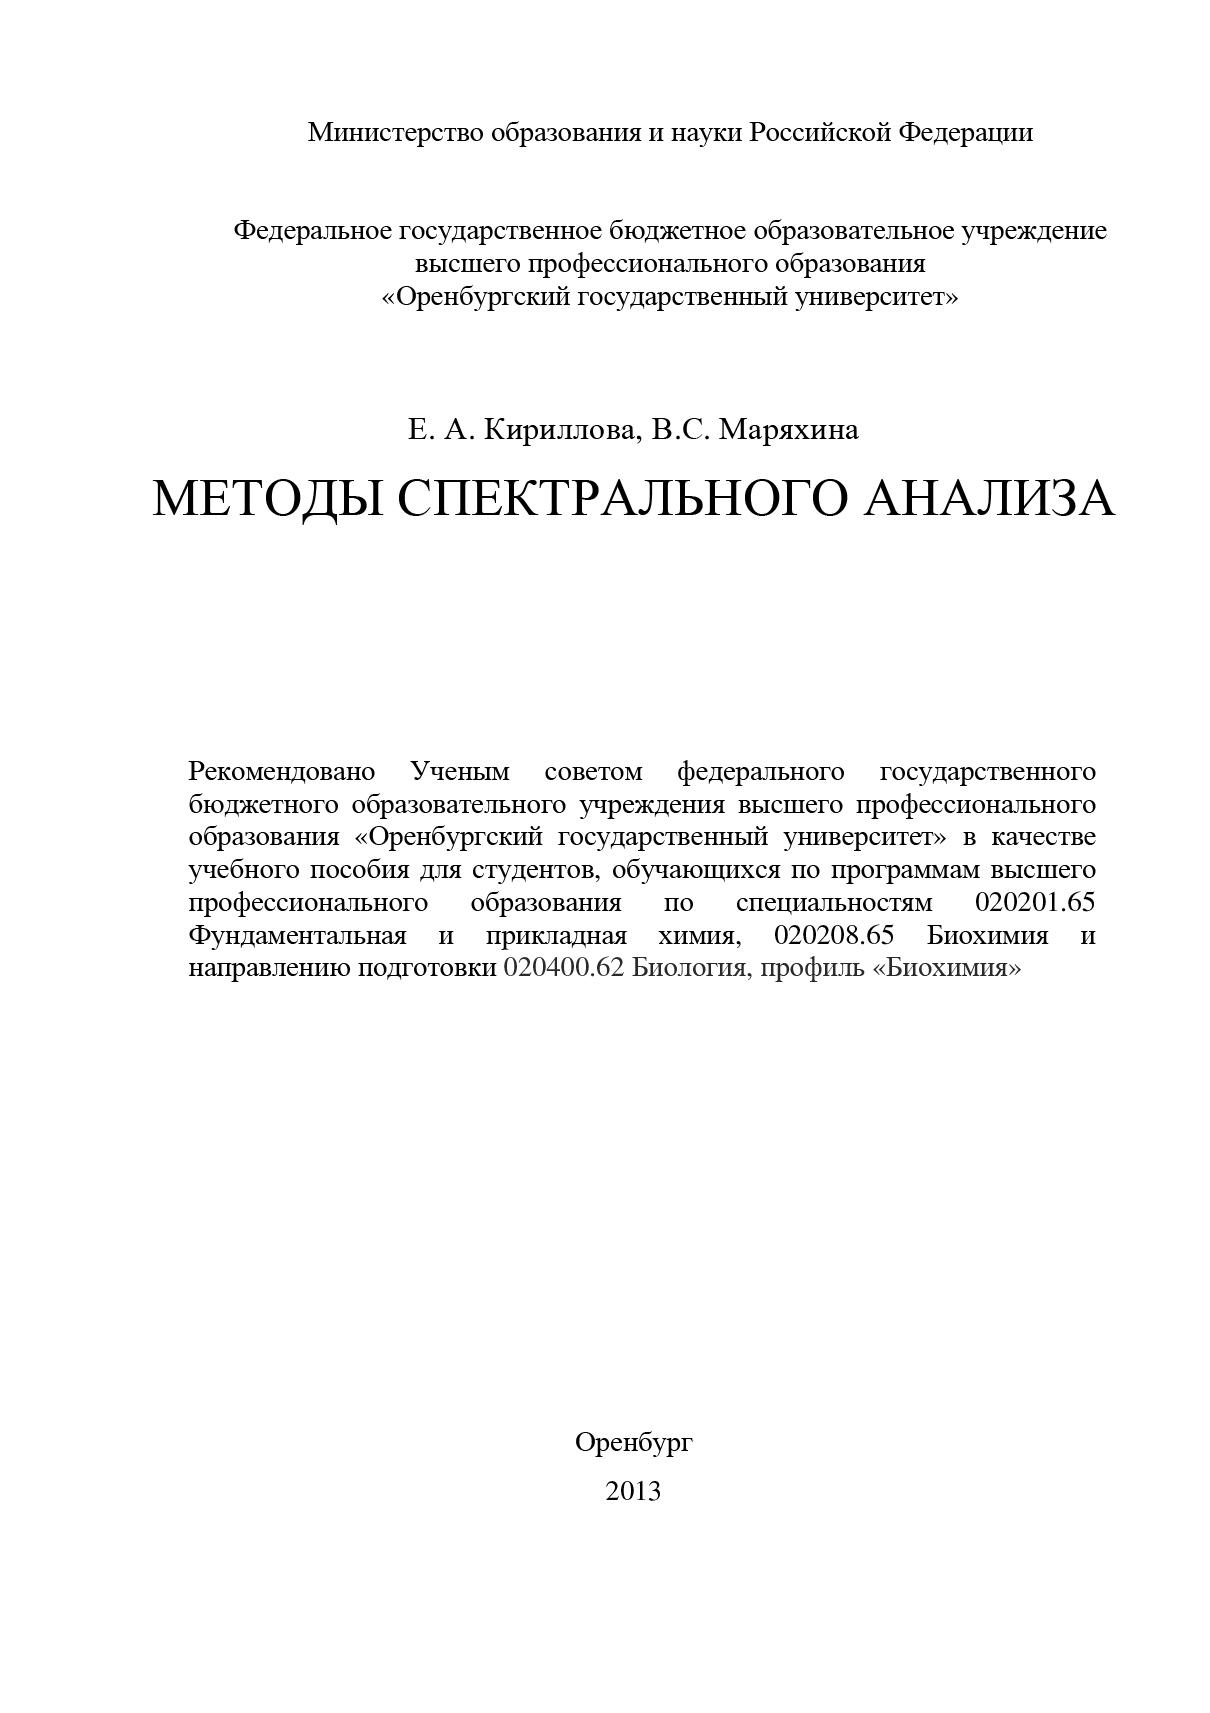 В. С. Маряхина Методы спектрального анализа геннадий фетисов синхротронное излучение методы исследования структуры веществ